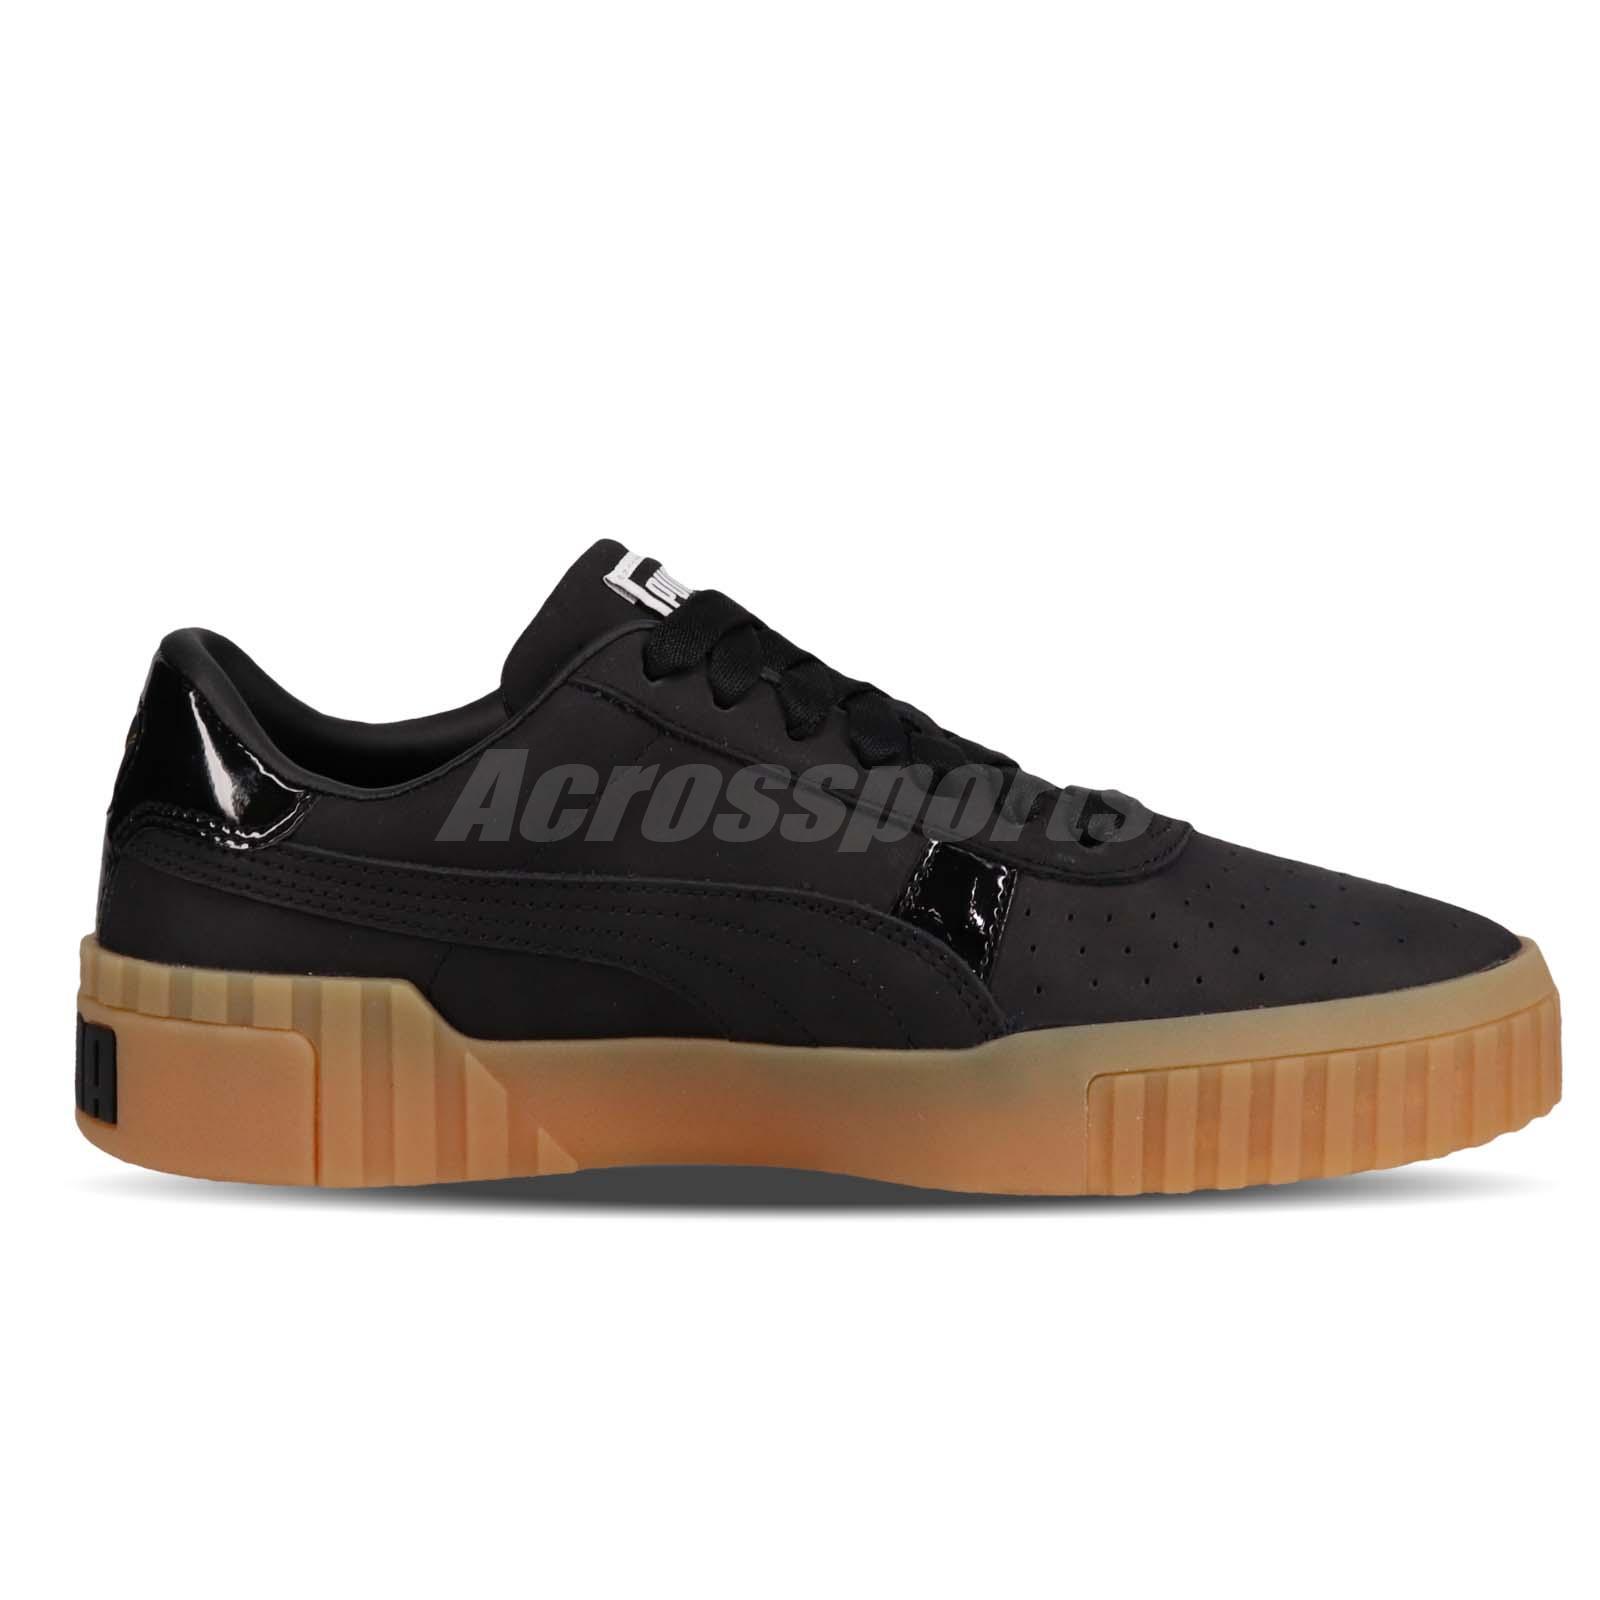 42dea9d2 Puma Cali Nubuck Wns Black Gold Gum Women Casual Lifestyle Shoes ...